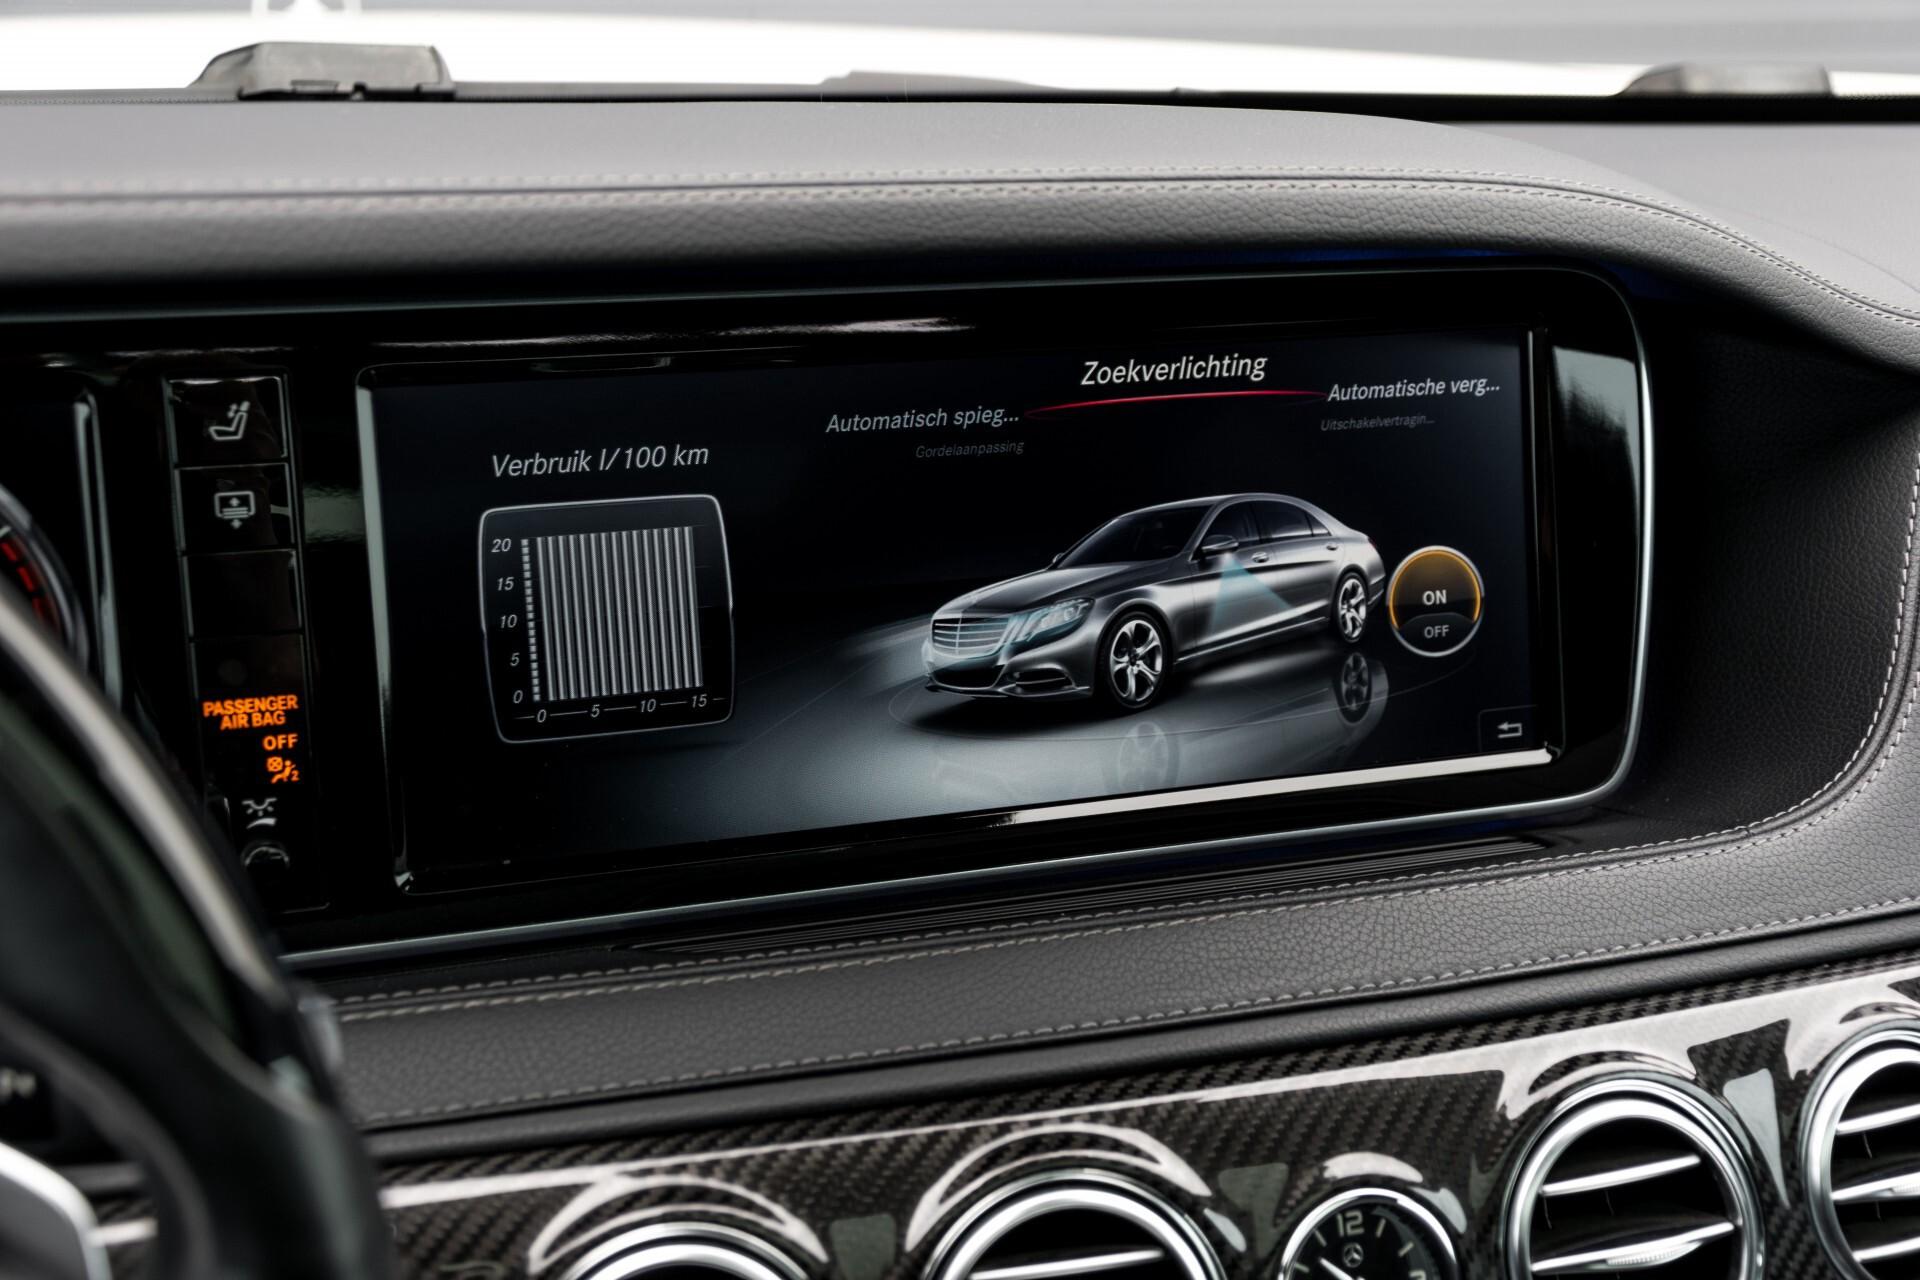 Mercedes-Benz S-Klasse 350 Bluetec Lang 4-M AMG Plus Carbon/Burmester 3D/Standkachel/4xMassage/Entertainment Aut7 Foto 33